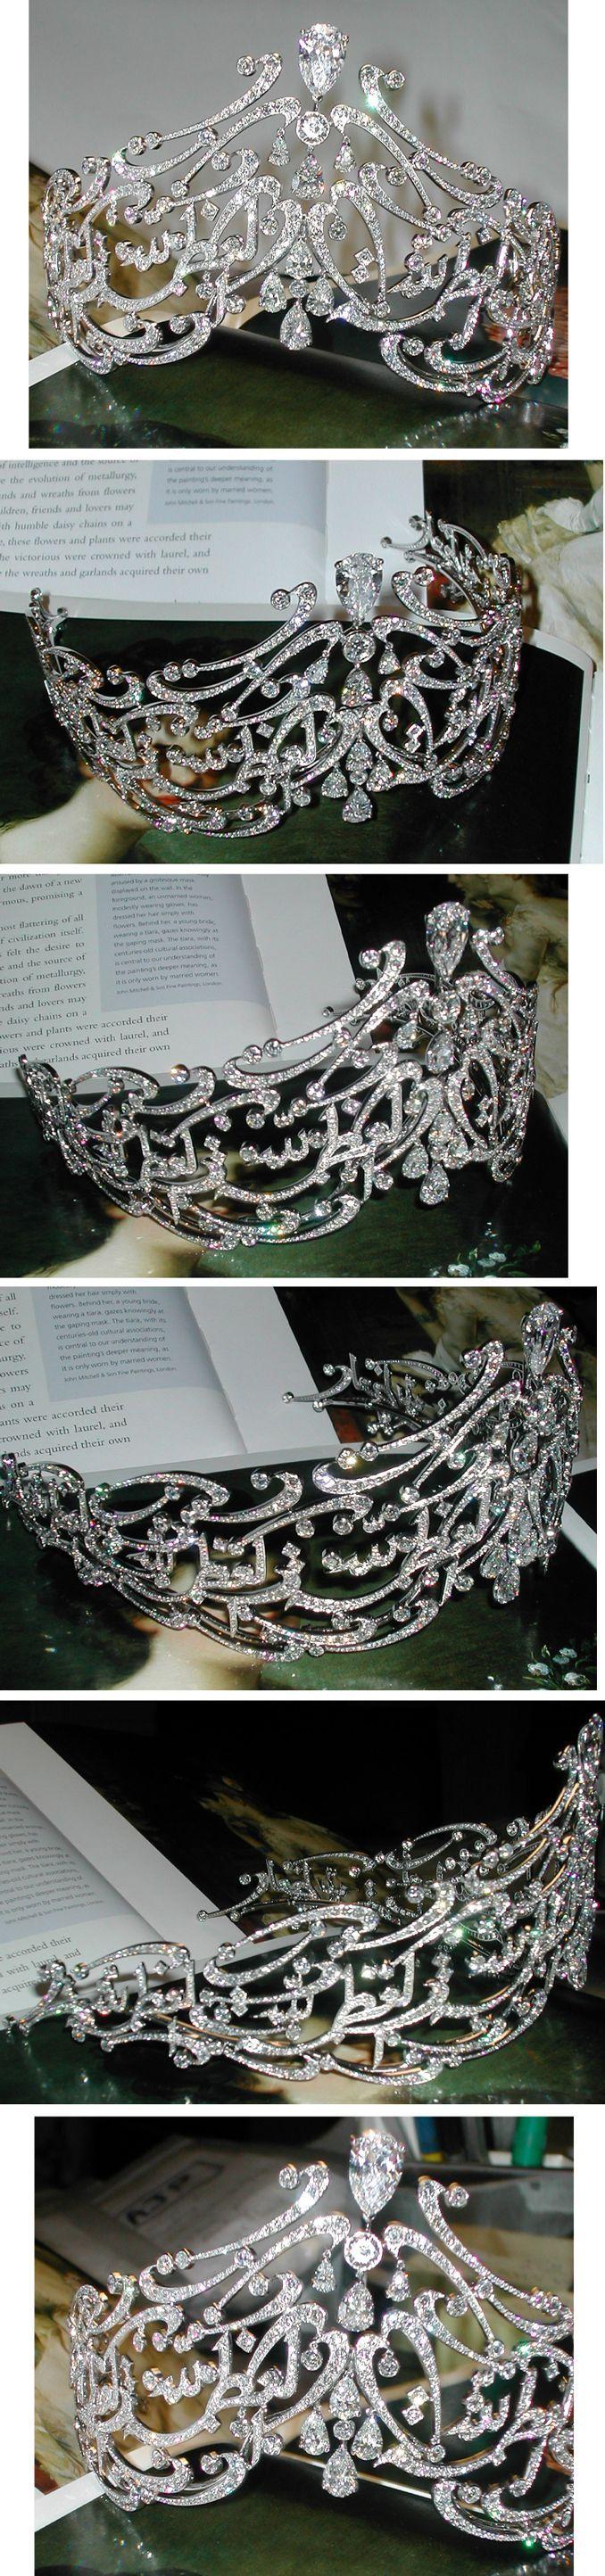 Diamond Tiara - Queen Rania's Arabic Scroll Tiara